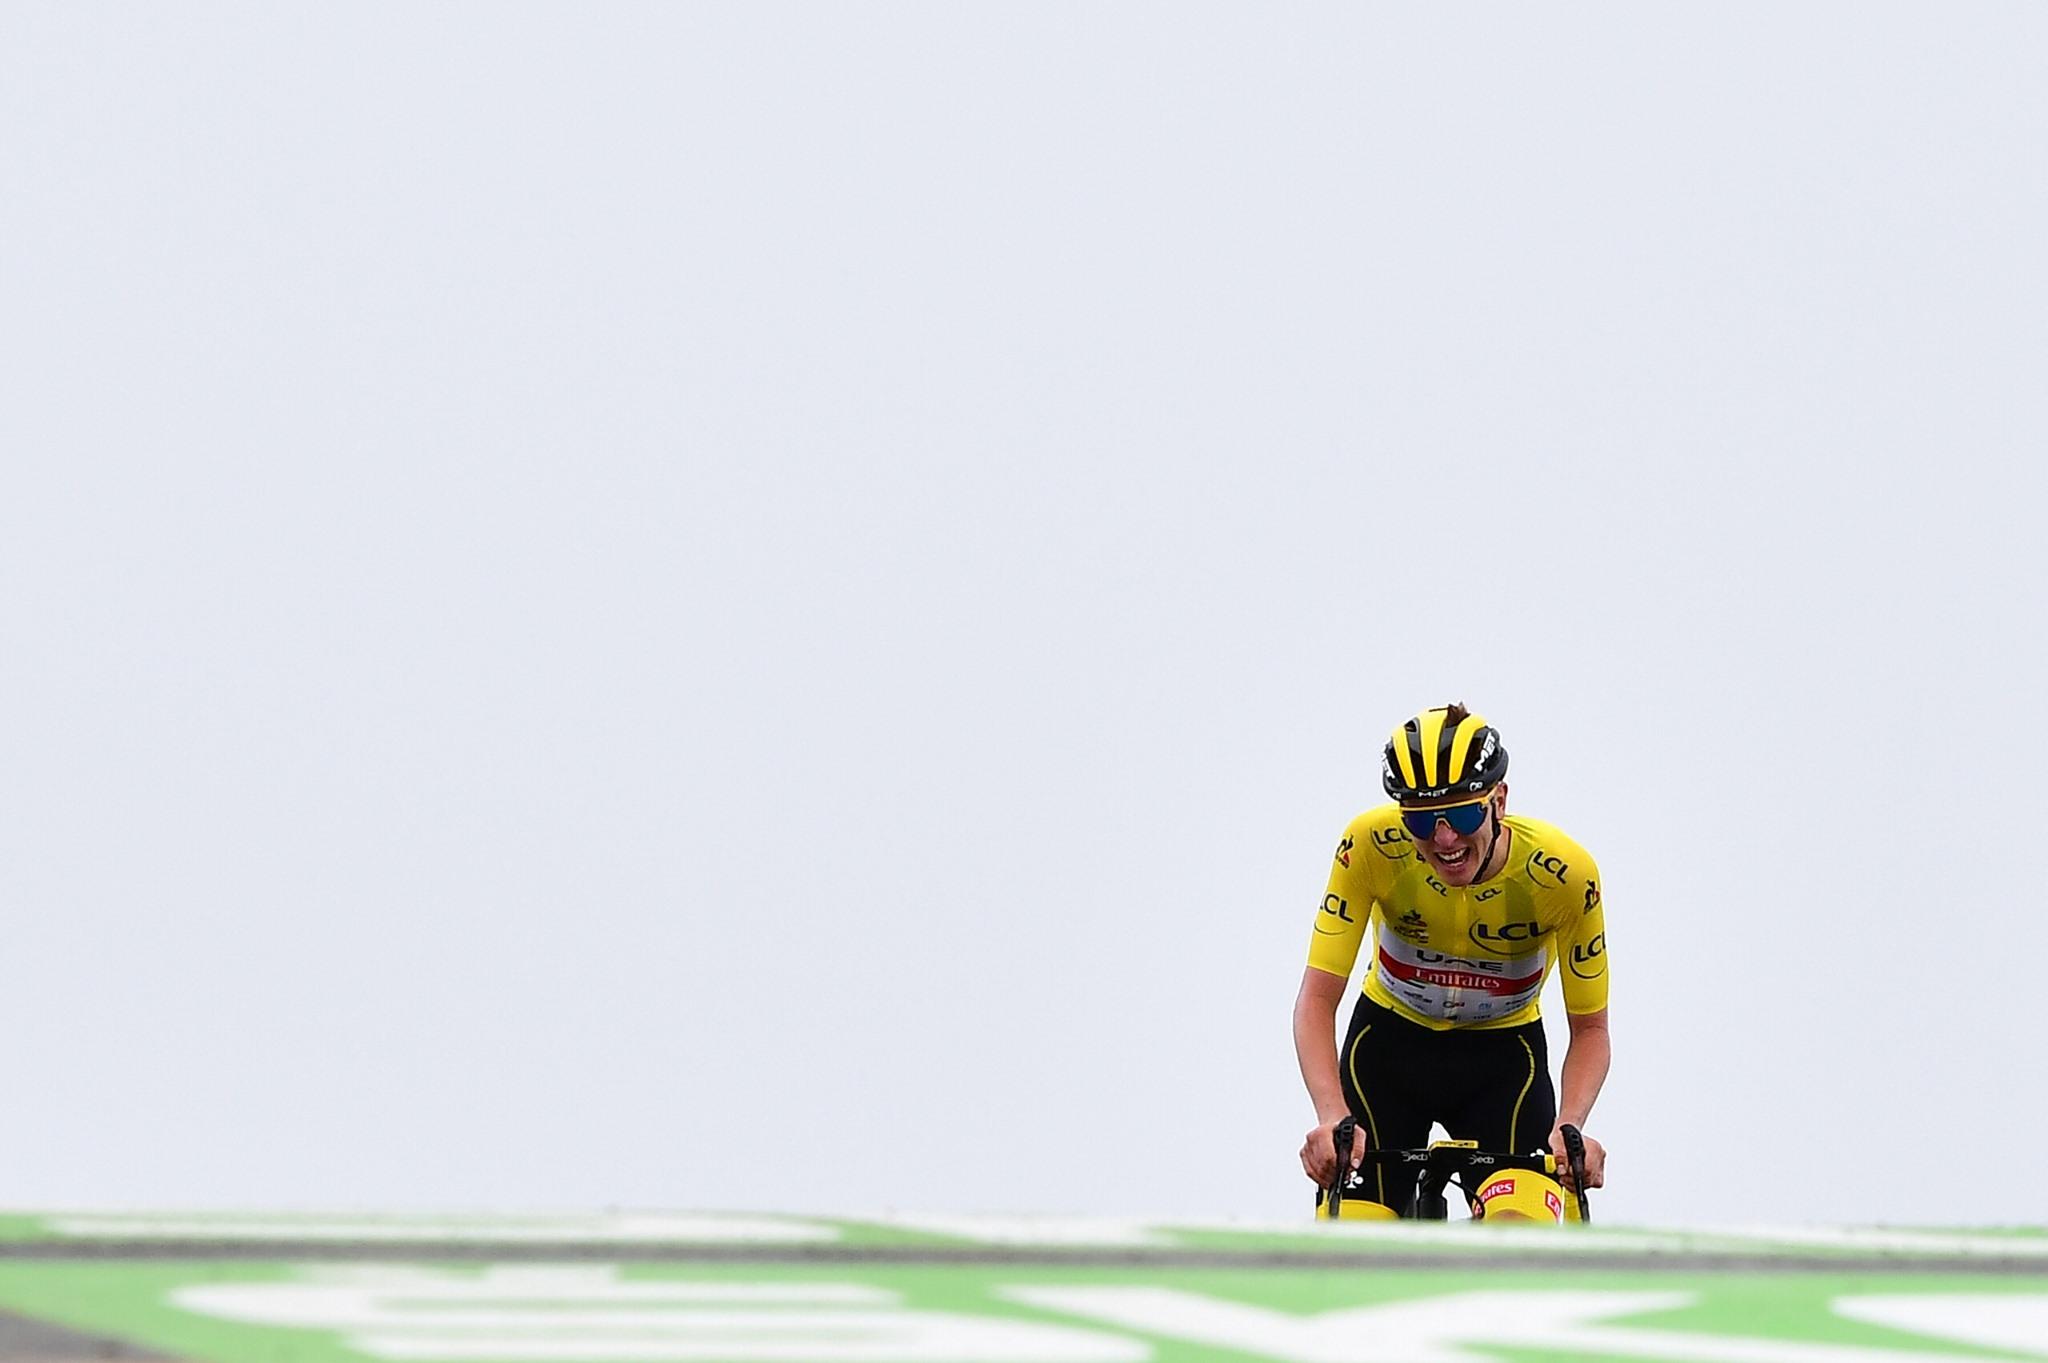 Pogačar z zmago v rumenem še enkrat pokazal, da je kralj Toura